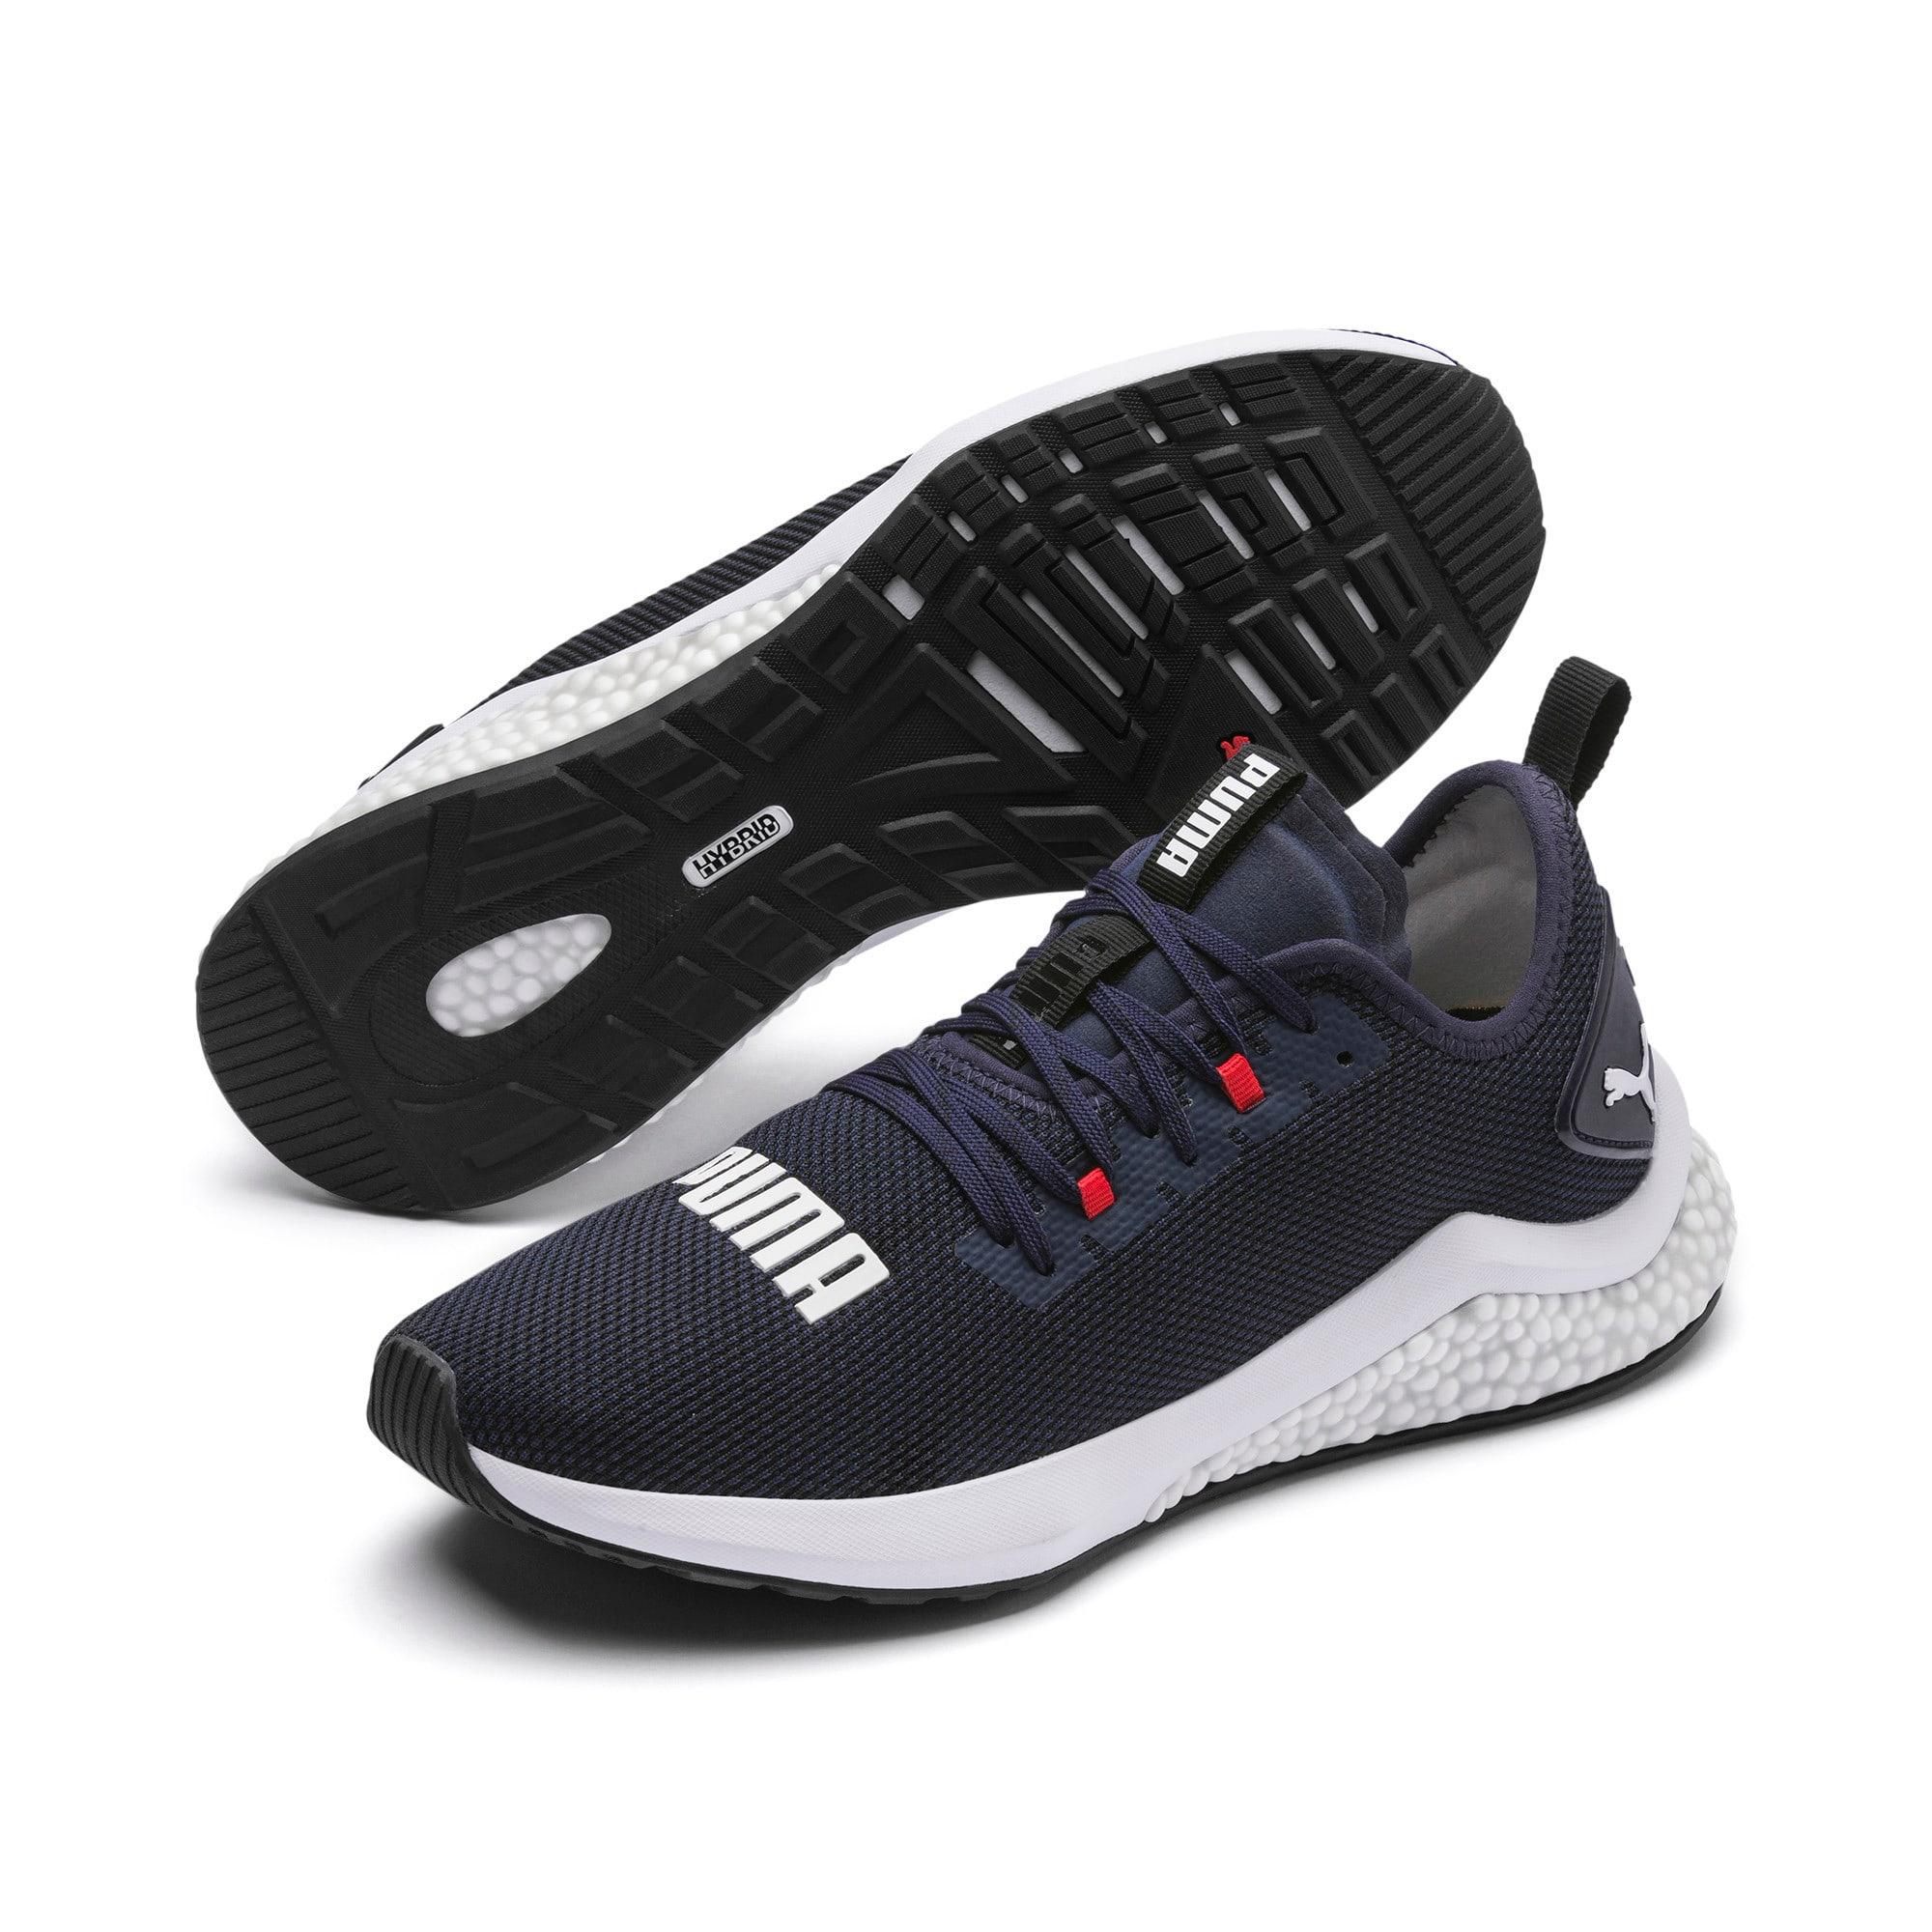 Thumbnail 3 of HYBRID NX Men's Running Shoes, Peacoat-High Risk Red-White, medium